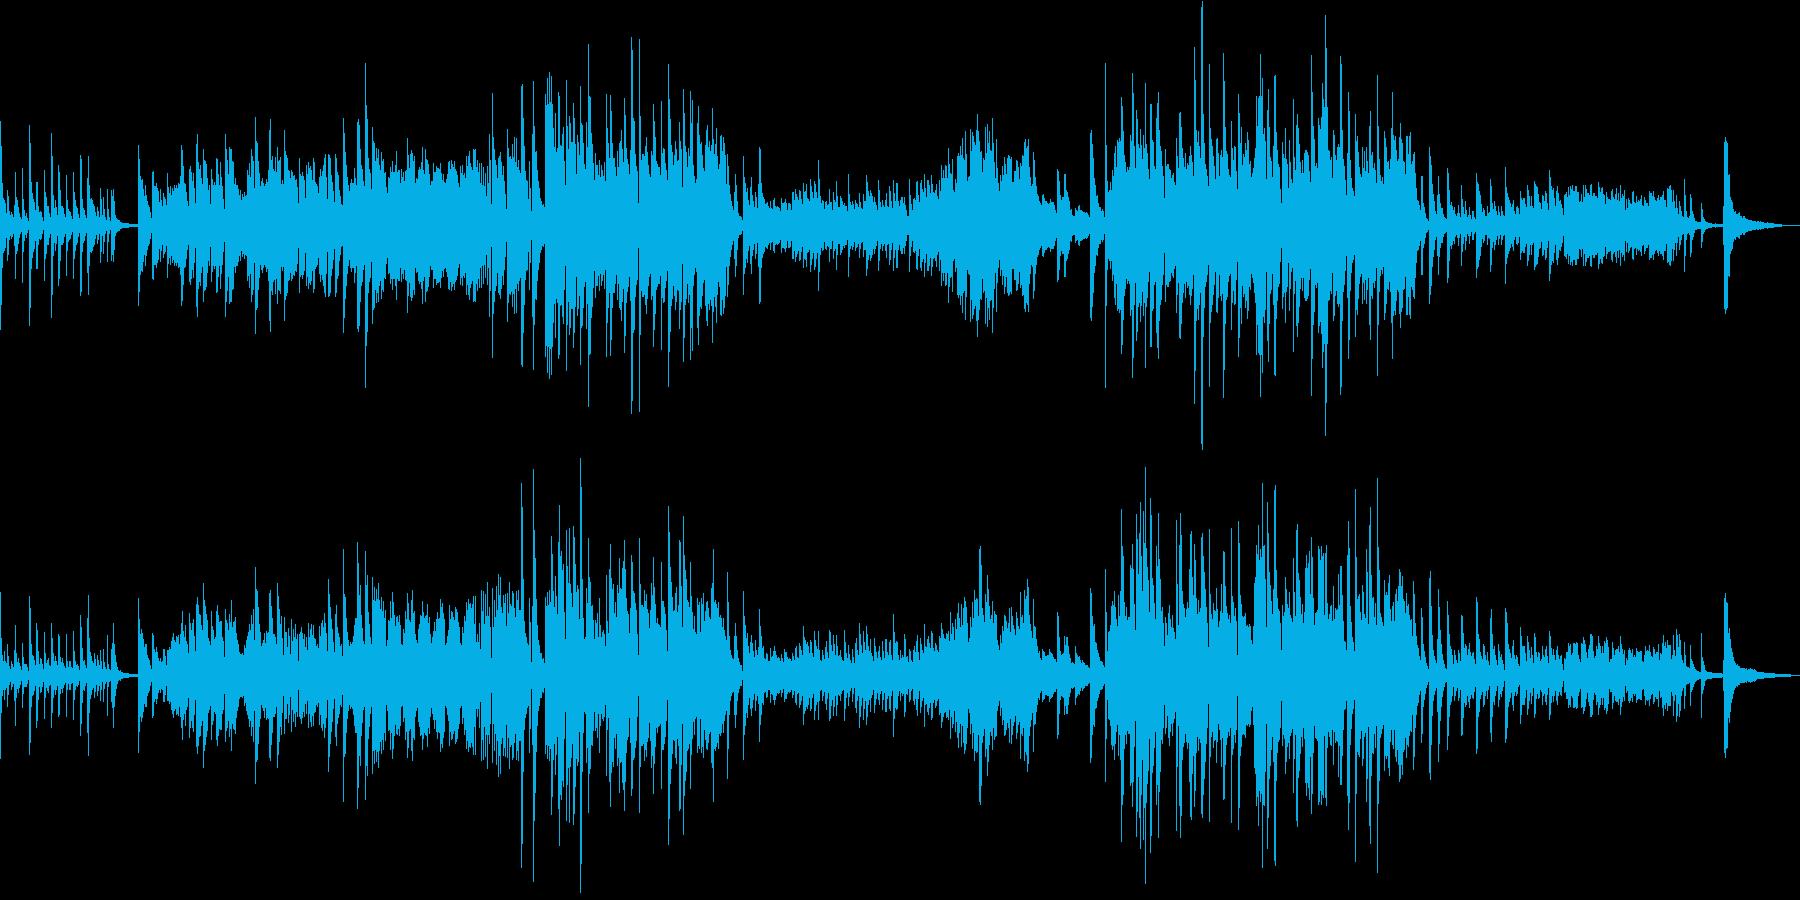 涙の場面をイメージしたピアノソロの再生済みの波形